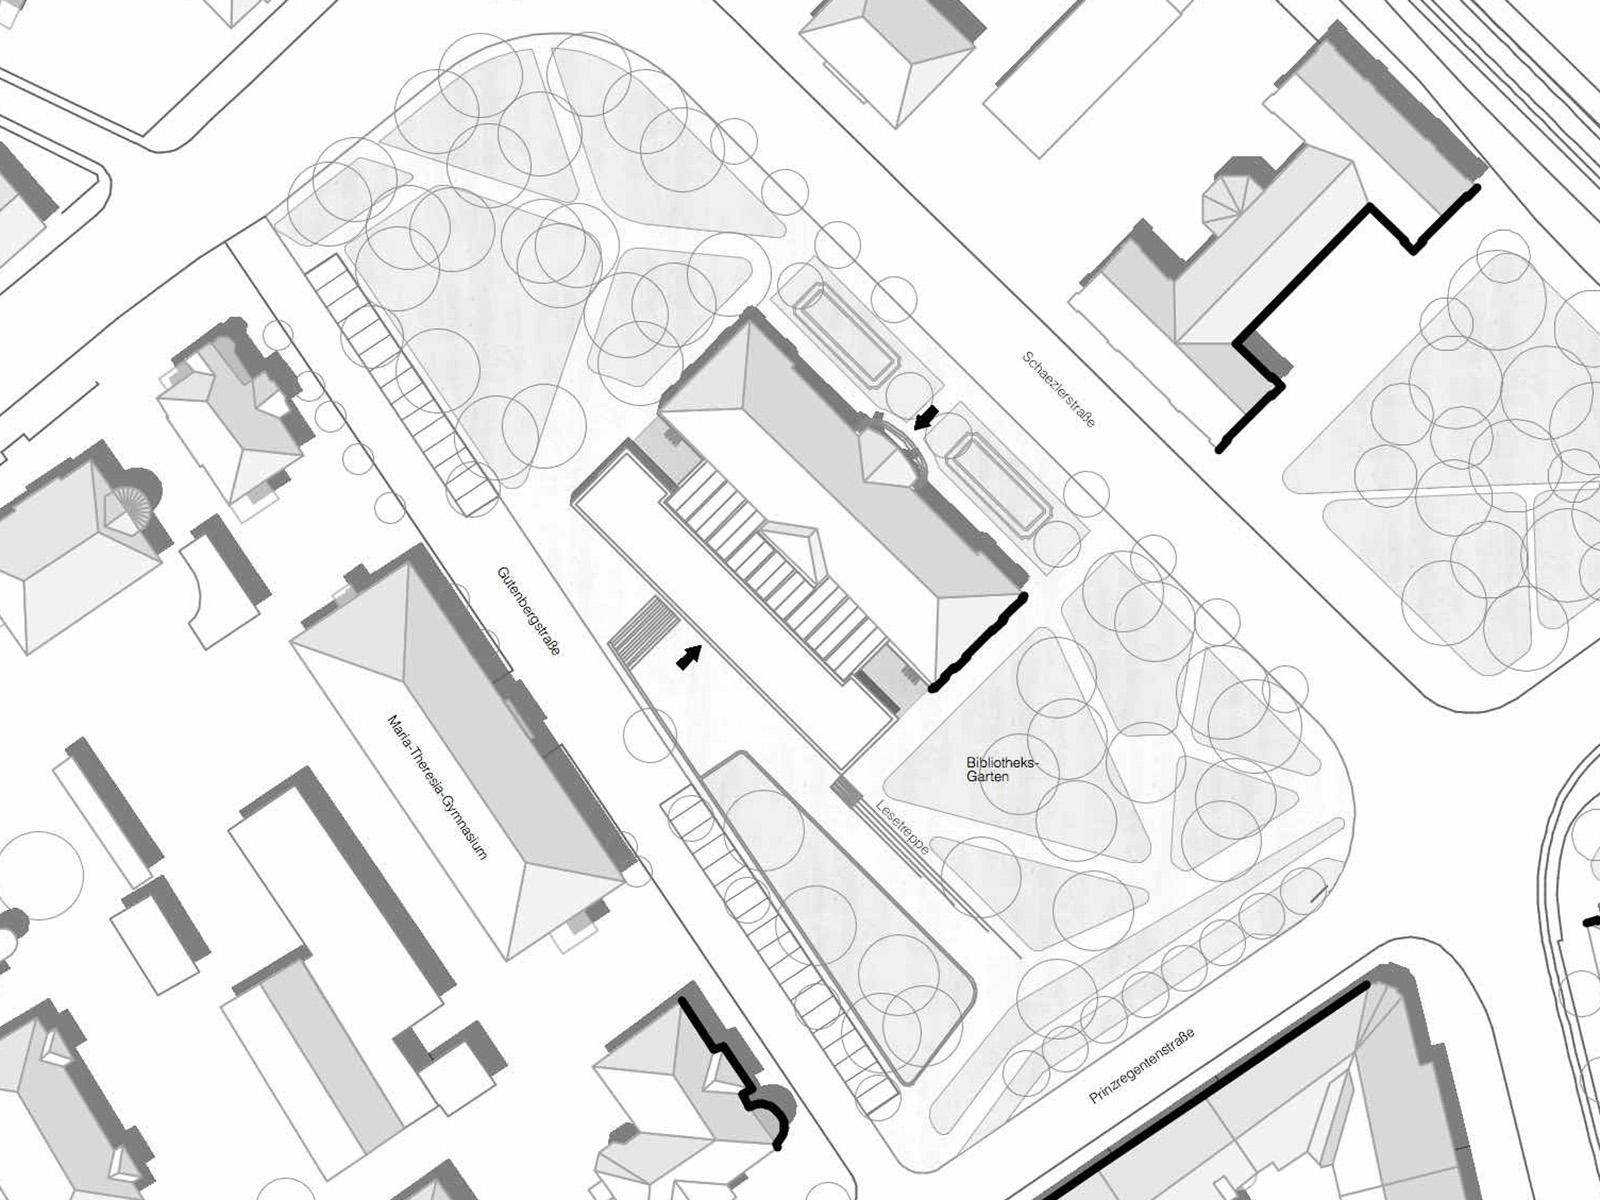 lageplan-staats-und-stadtbilblothek-augsburg-wettbewerb-2016-2-preis-friedrich-poerschke-zwink-architekten-stadtplaner-mit-kleinsaenger-architekten